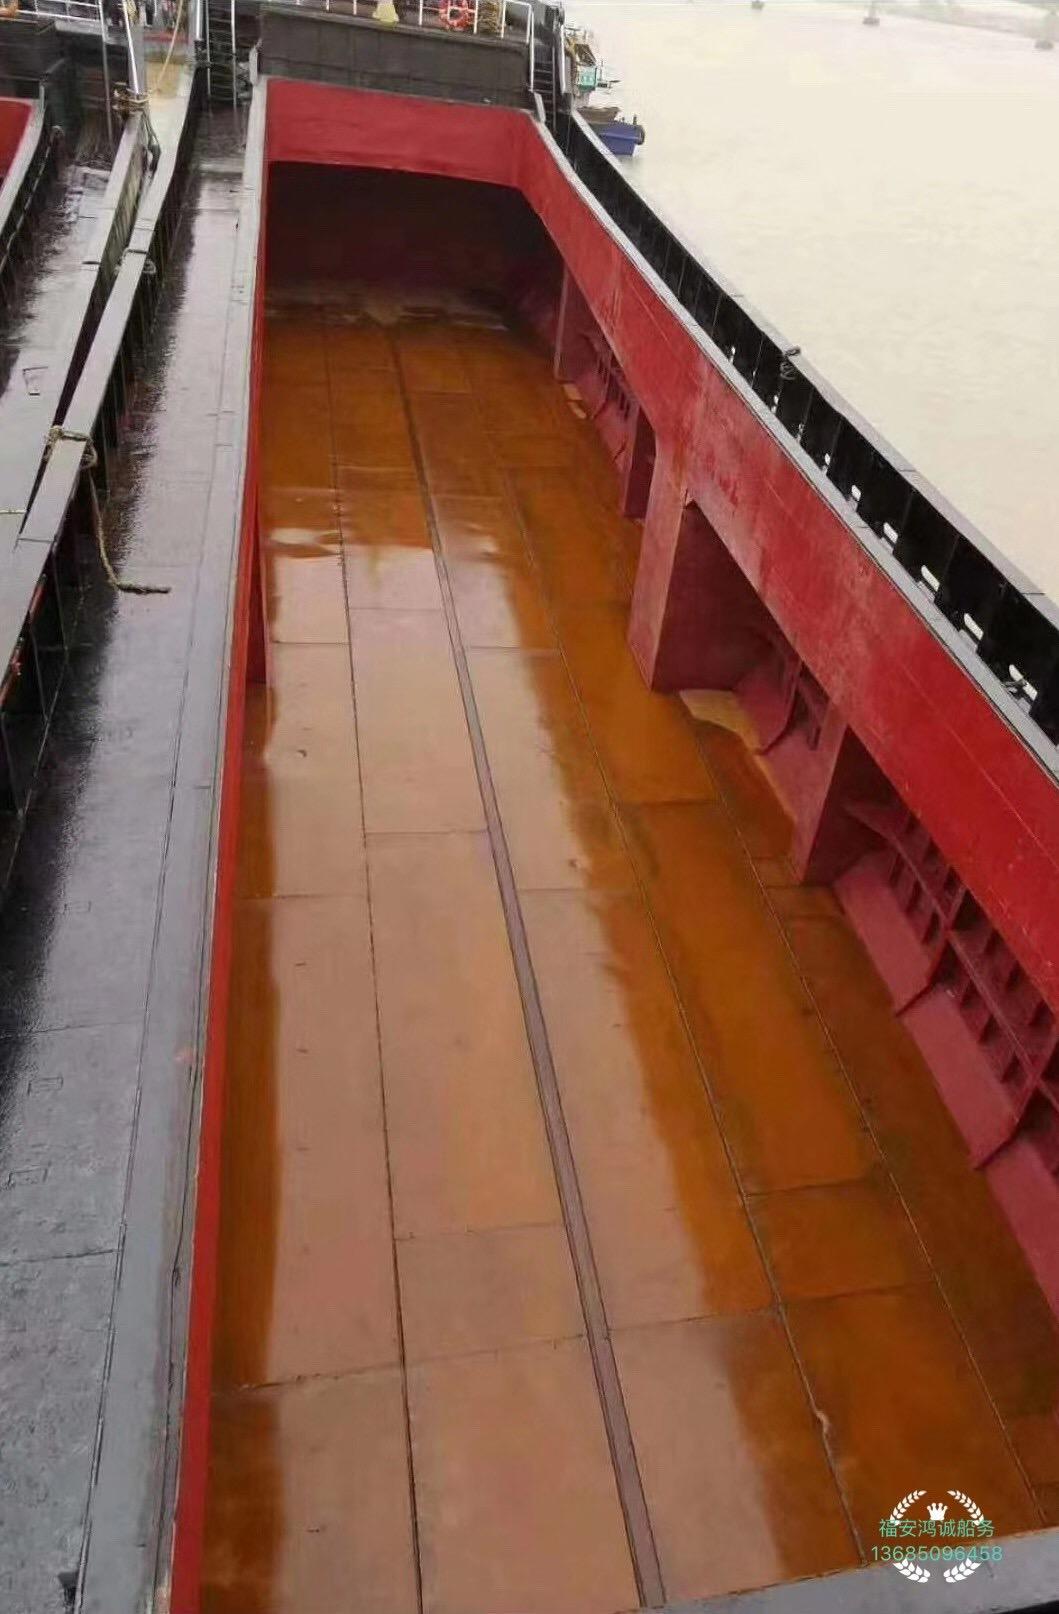 出售2011年造,实载1300吨通舱货船